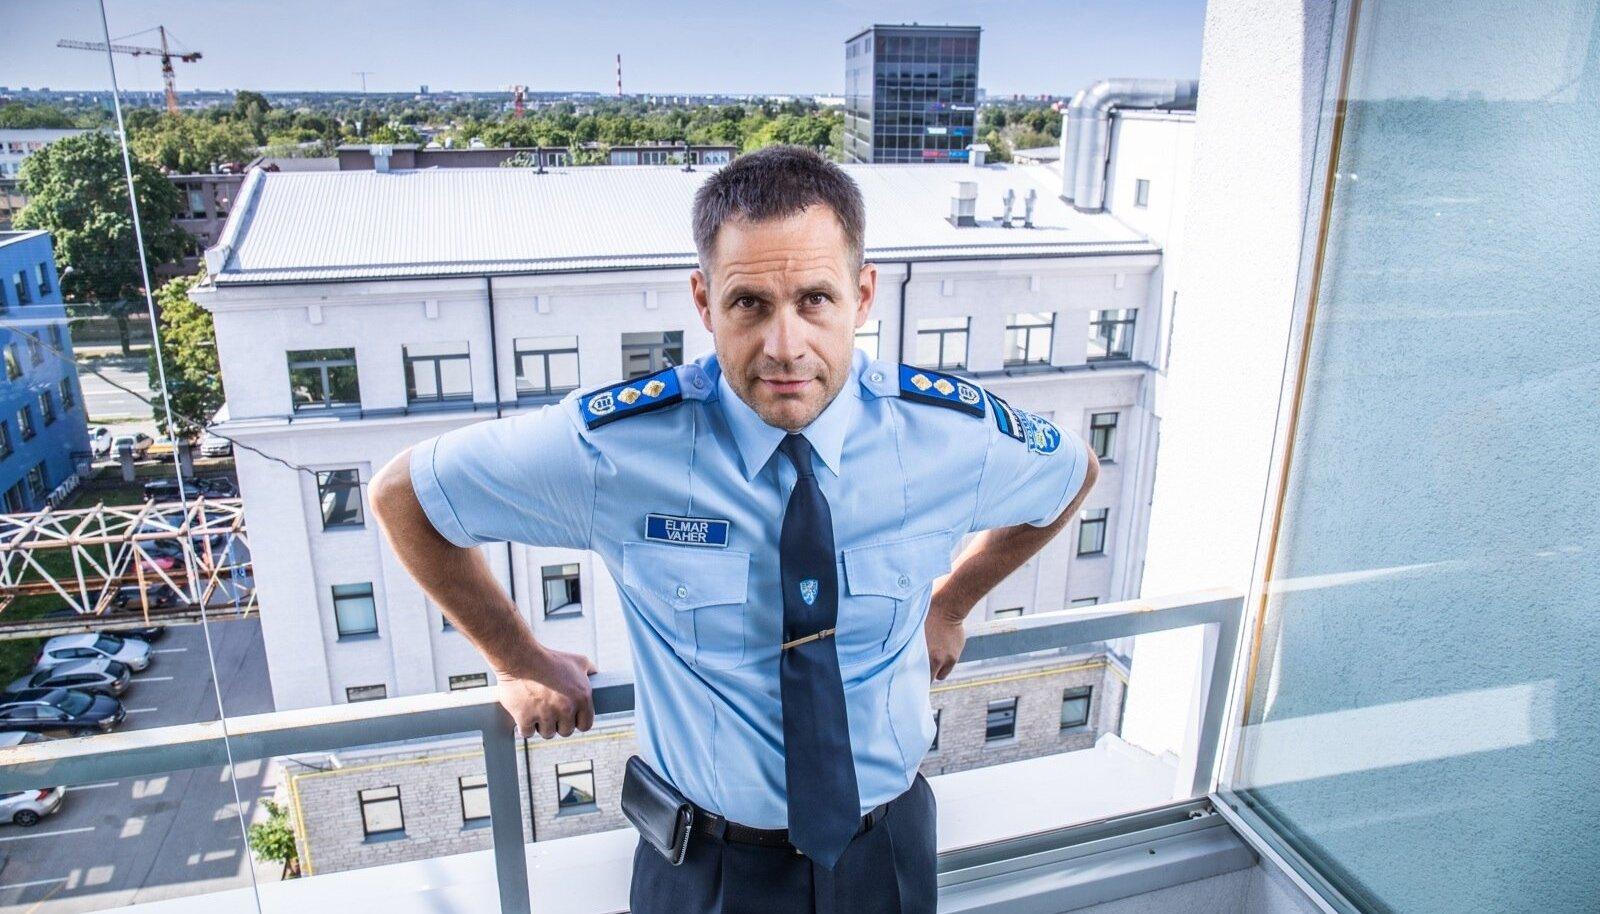 Politseitöö pole selline, et õhtul kell pool viis kergitad kaabut ja lähed koju. Pea jahvatab tööasjade kallal ka kodus ja nädalavahetustel, ütleb Elmar Vaher.